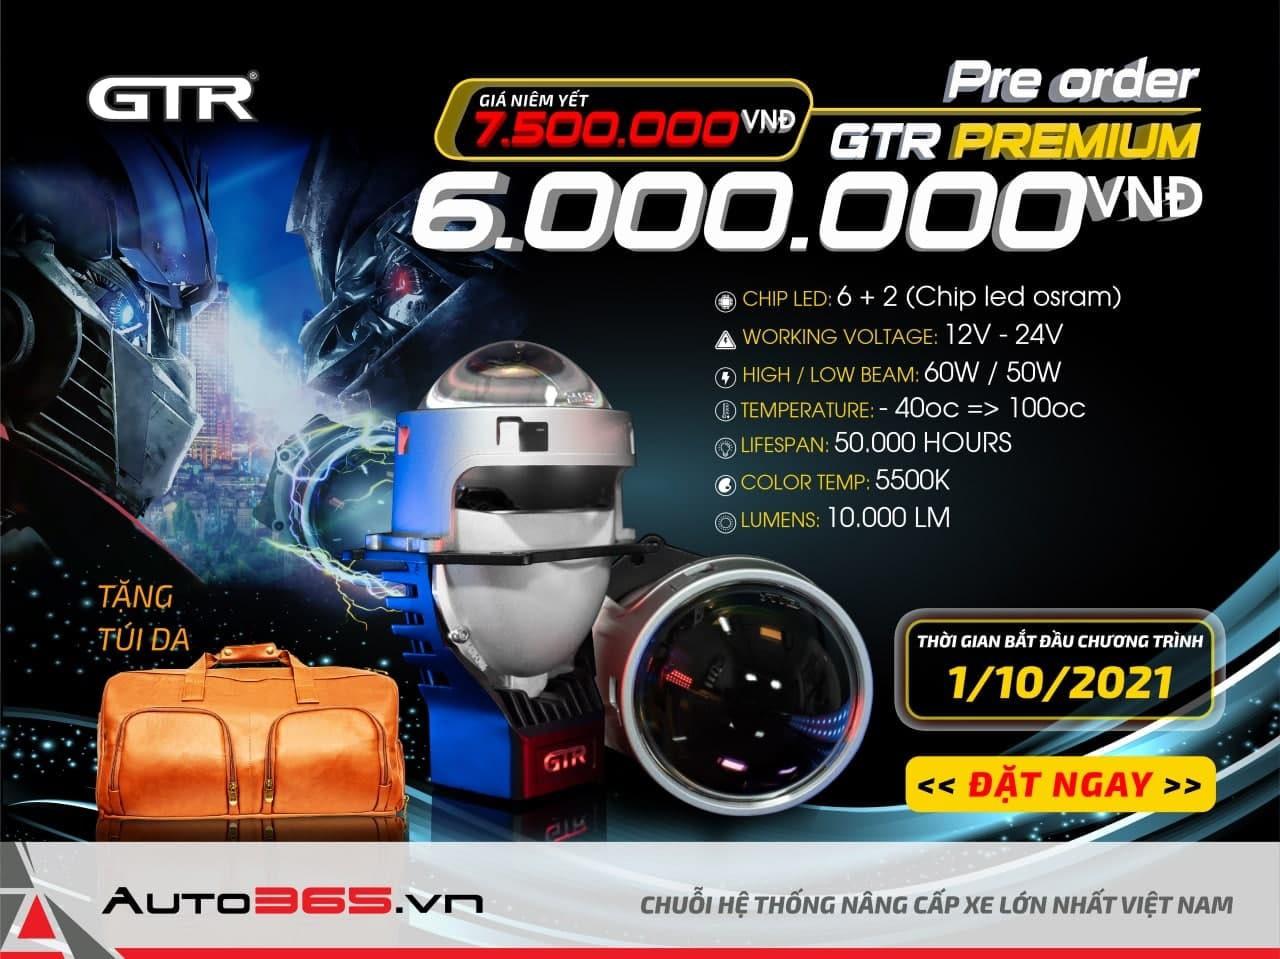 BI LED GTR G LED PREMIUM khuyen mai